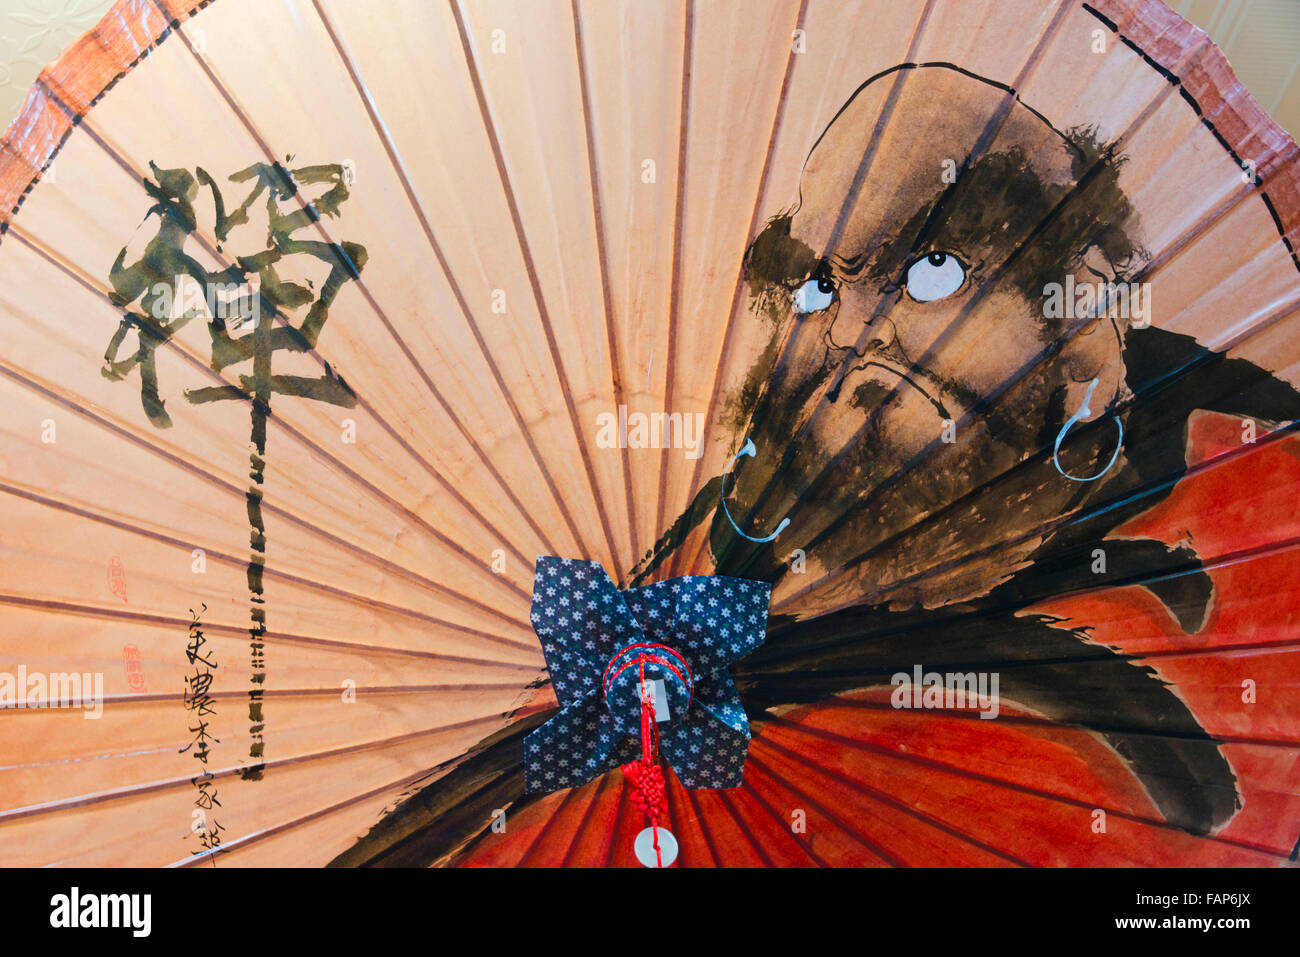 Papel hecho a mano un paraguas, Meinong, Taiwán Imagen De Stock